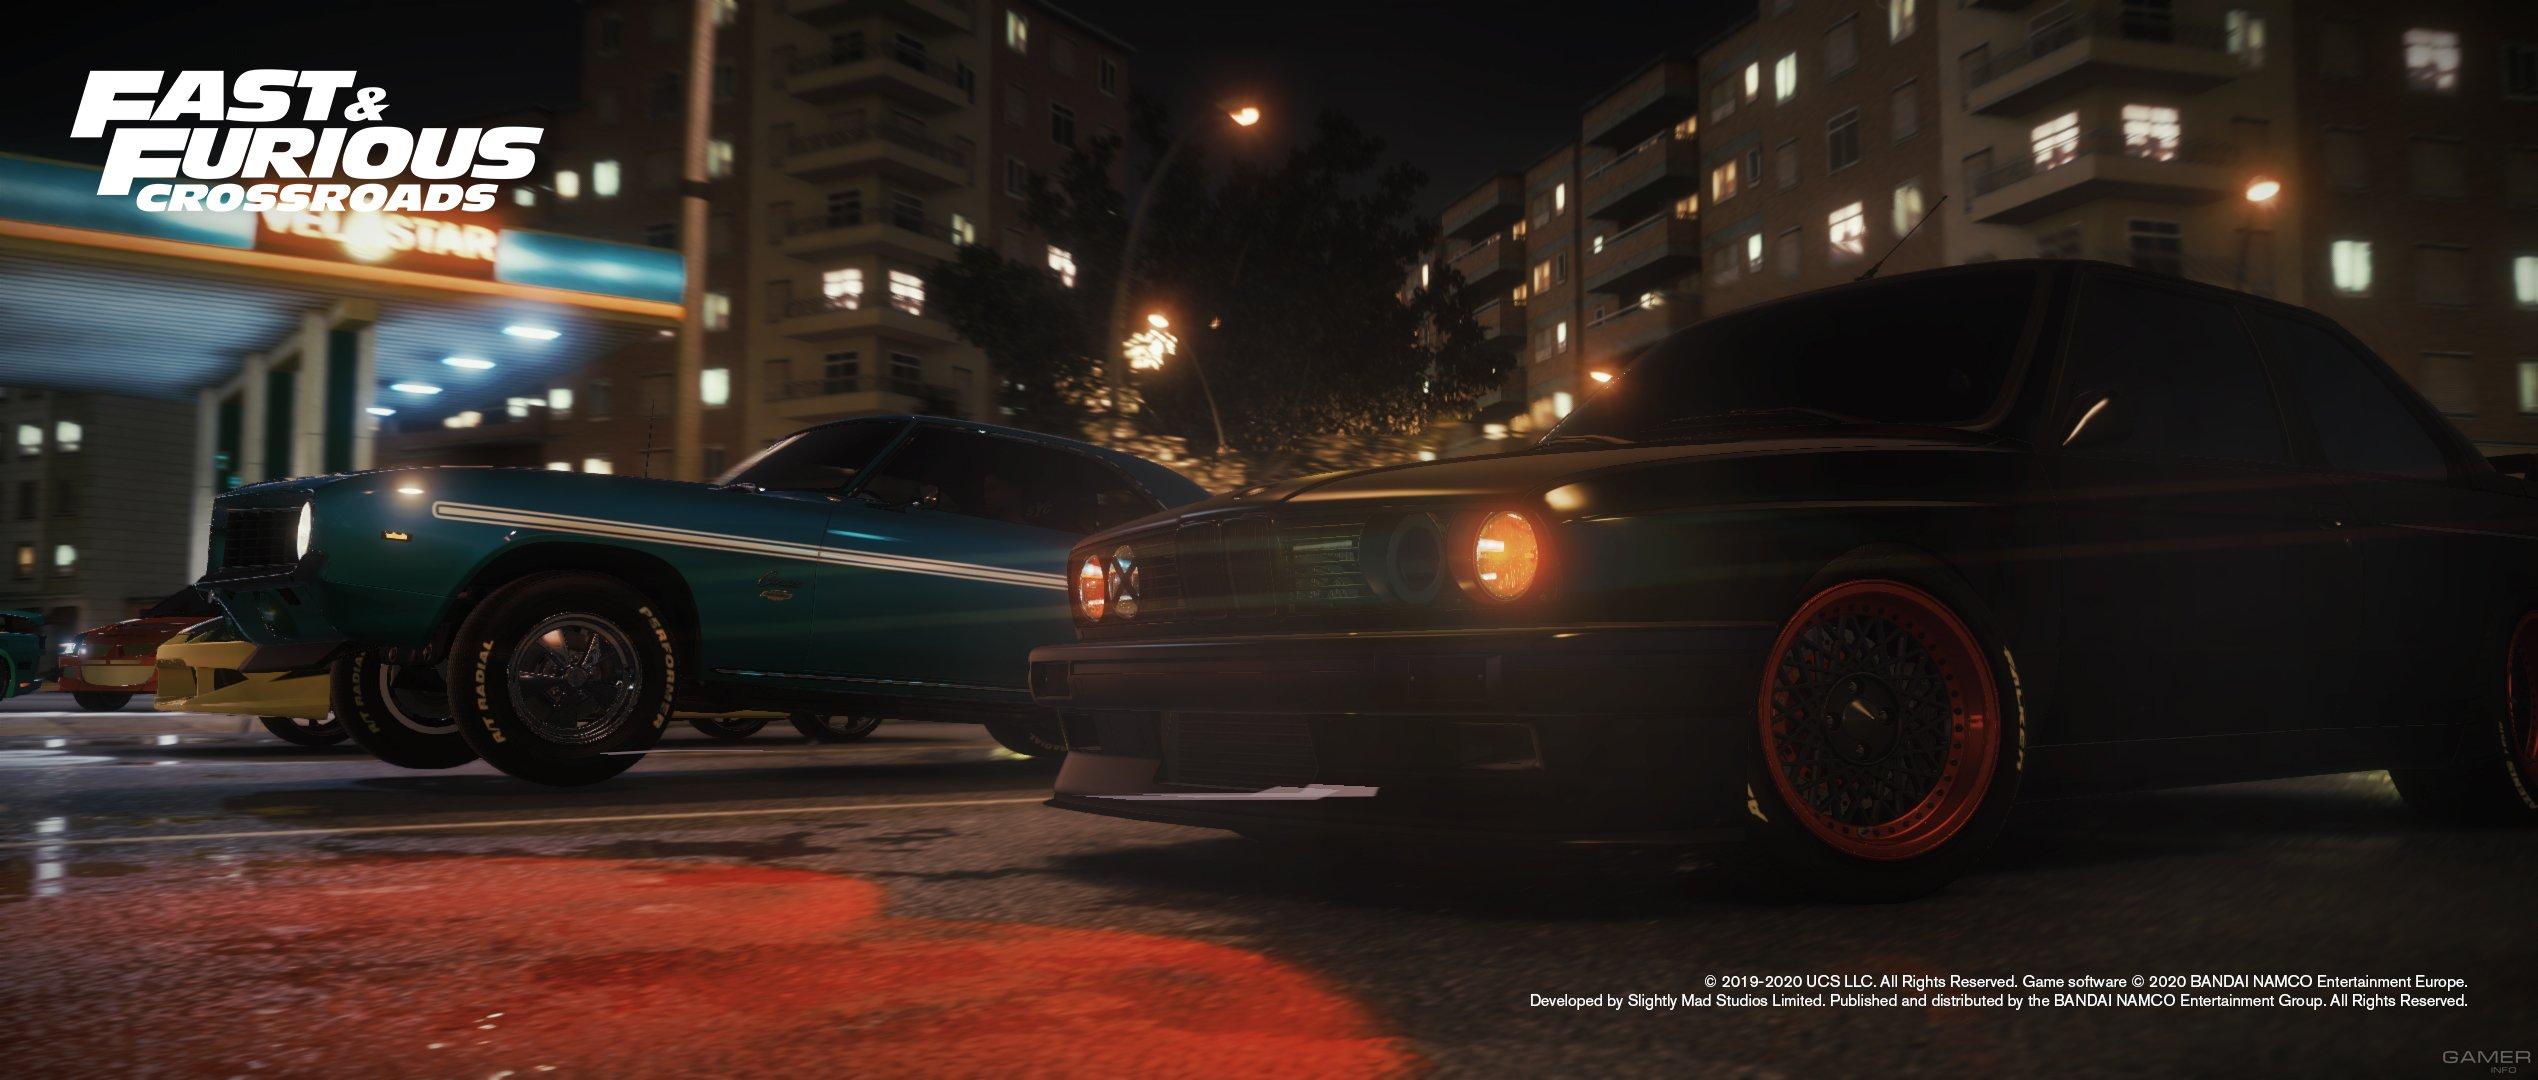 Выход Fast & Furious Crossroads перенесен на неопределенный срок